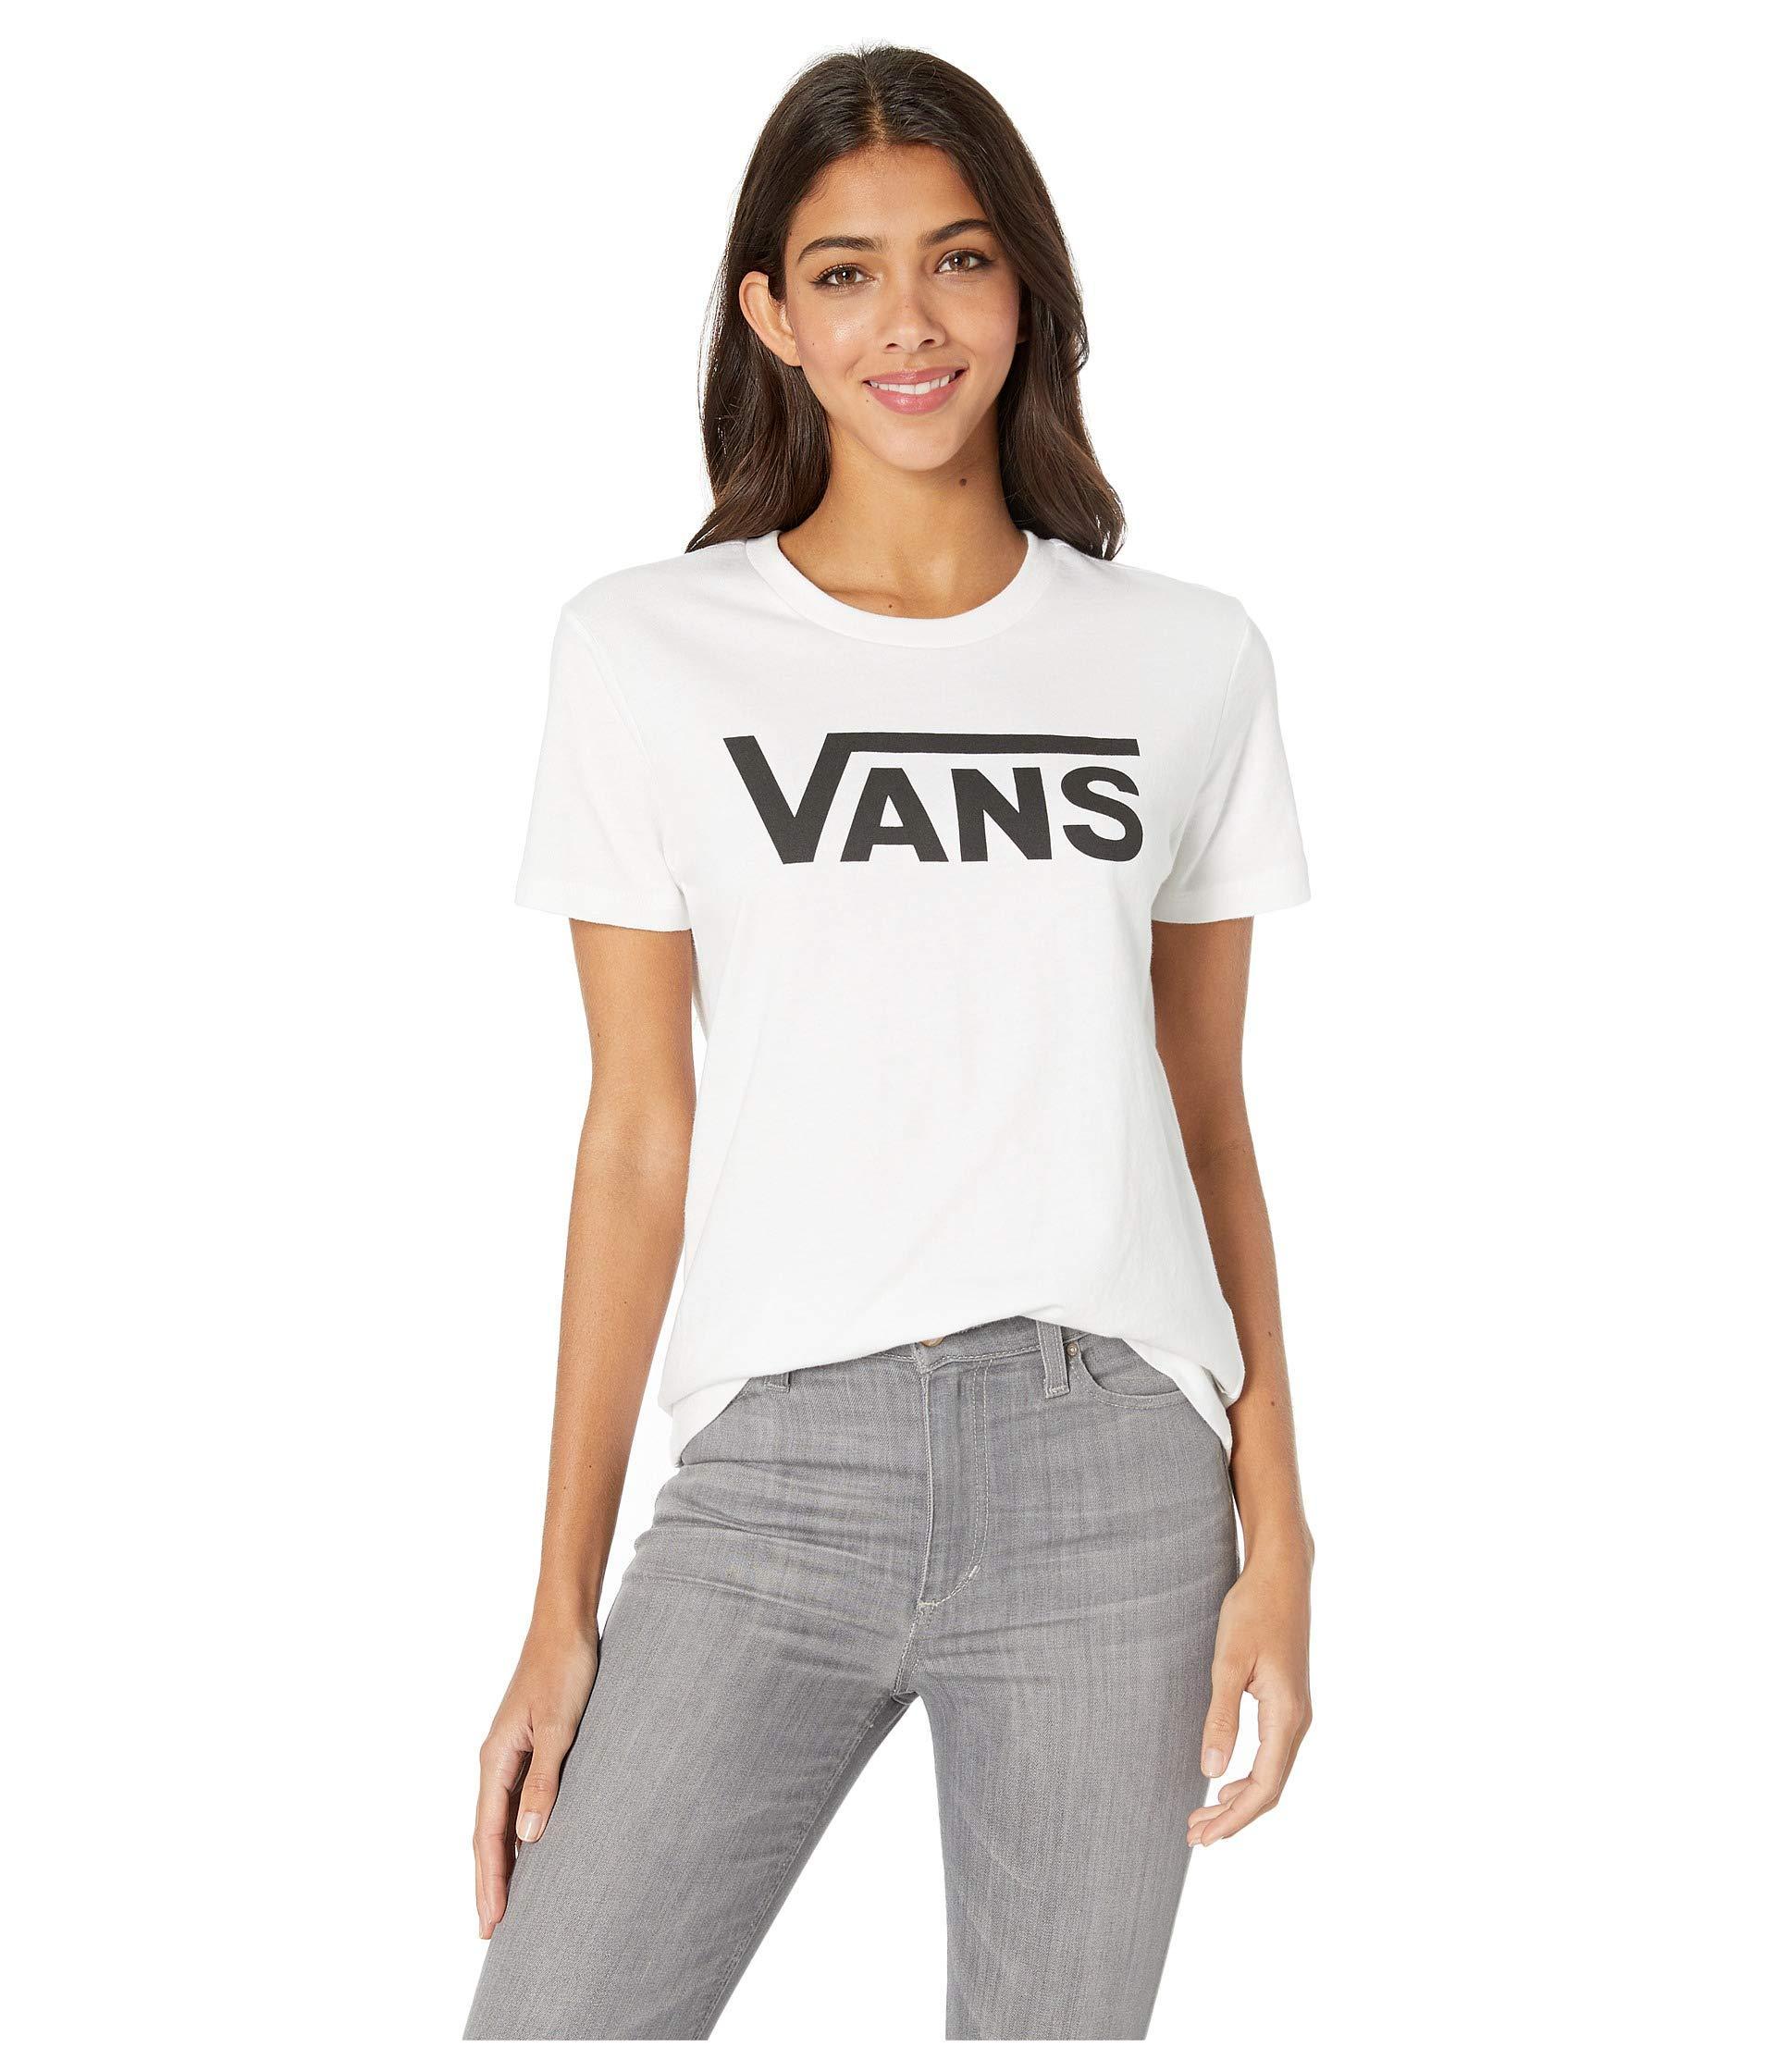 f43b6651 Vans - White Flying V Crew T-shirt (poppy Red) Women's Clothing -. View  fullscreen